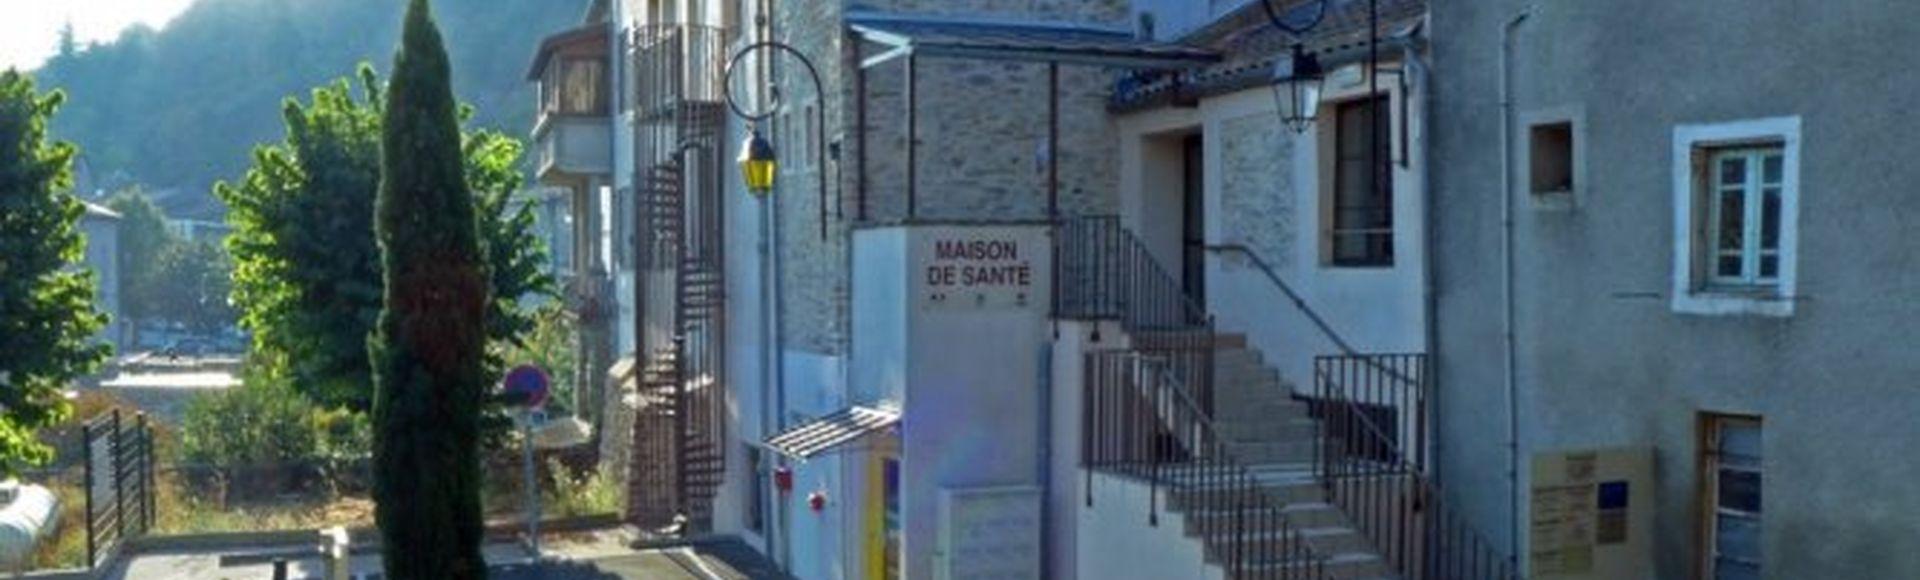 Maison de Santé des Hauts Cantons